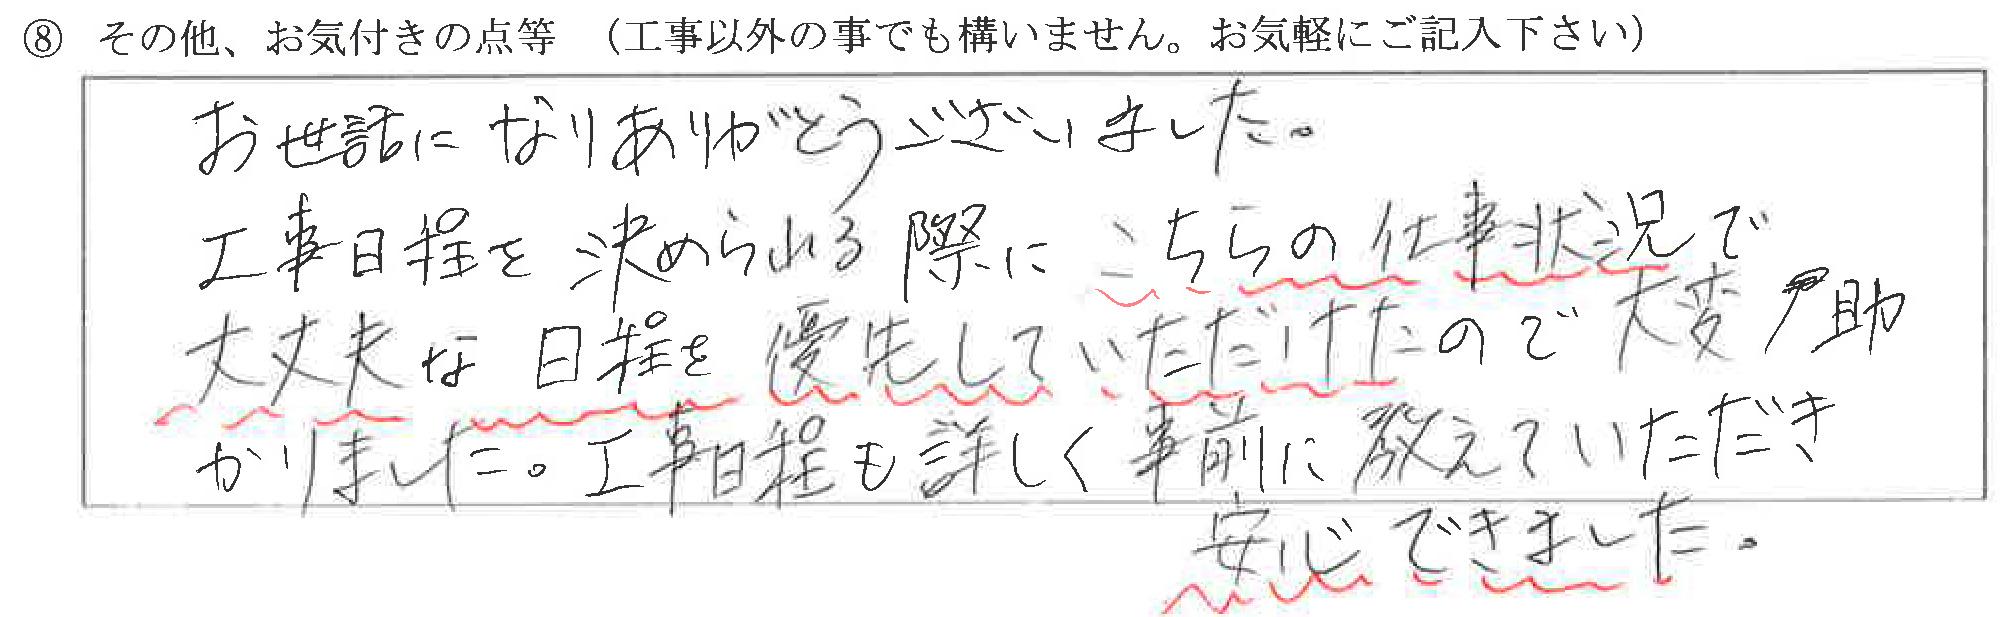 富山県富山市W様に頂いたエコキュート交換工事についてのお気づきの点がありましたら、お聞かせ下さい。というご質問について「エコキュート交換工事【お喜びの声】」というお声についての画像